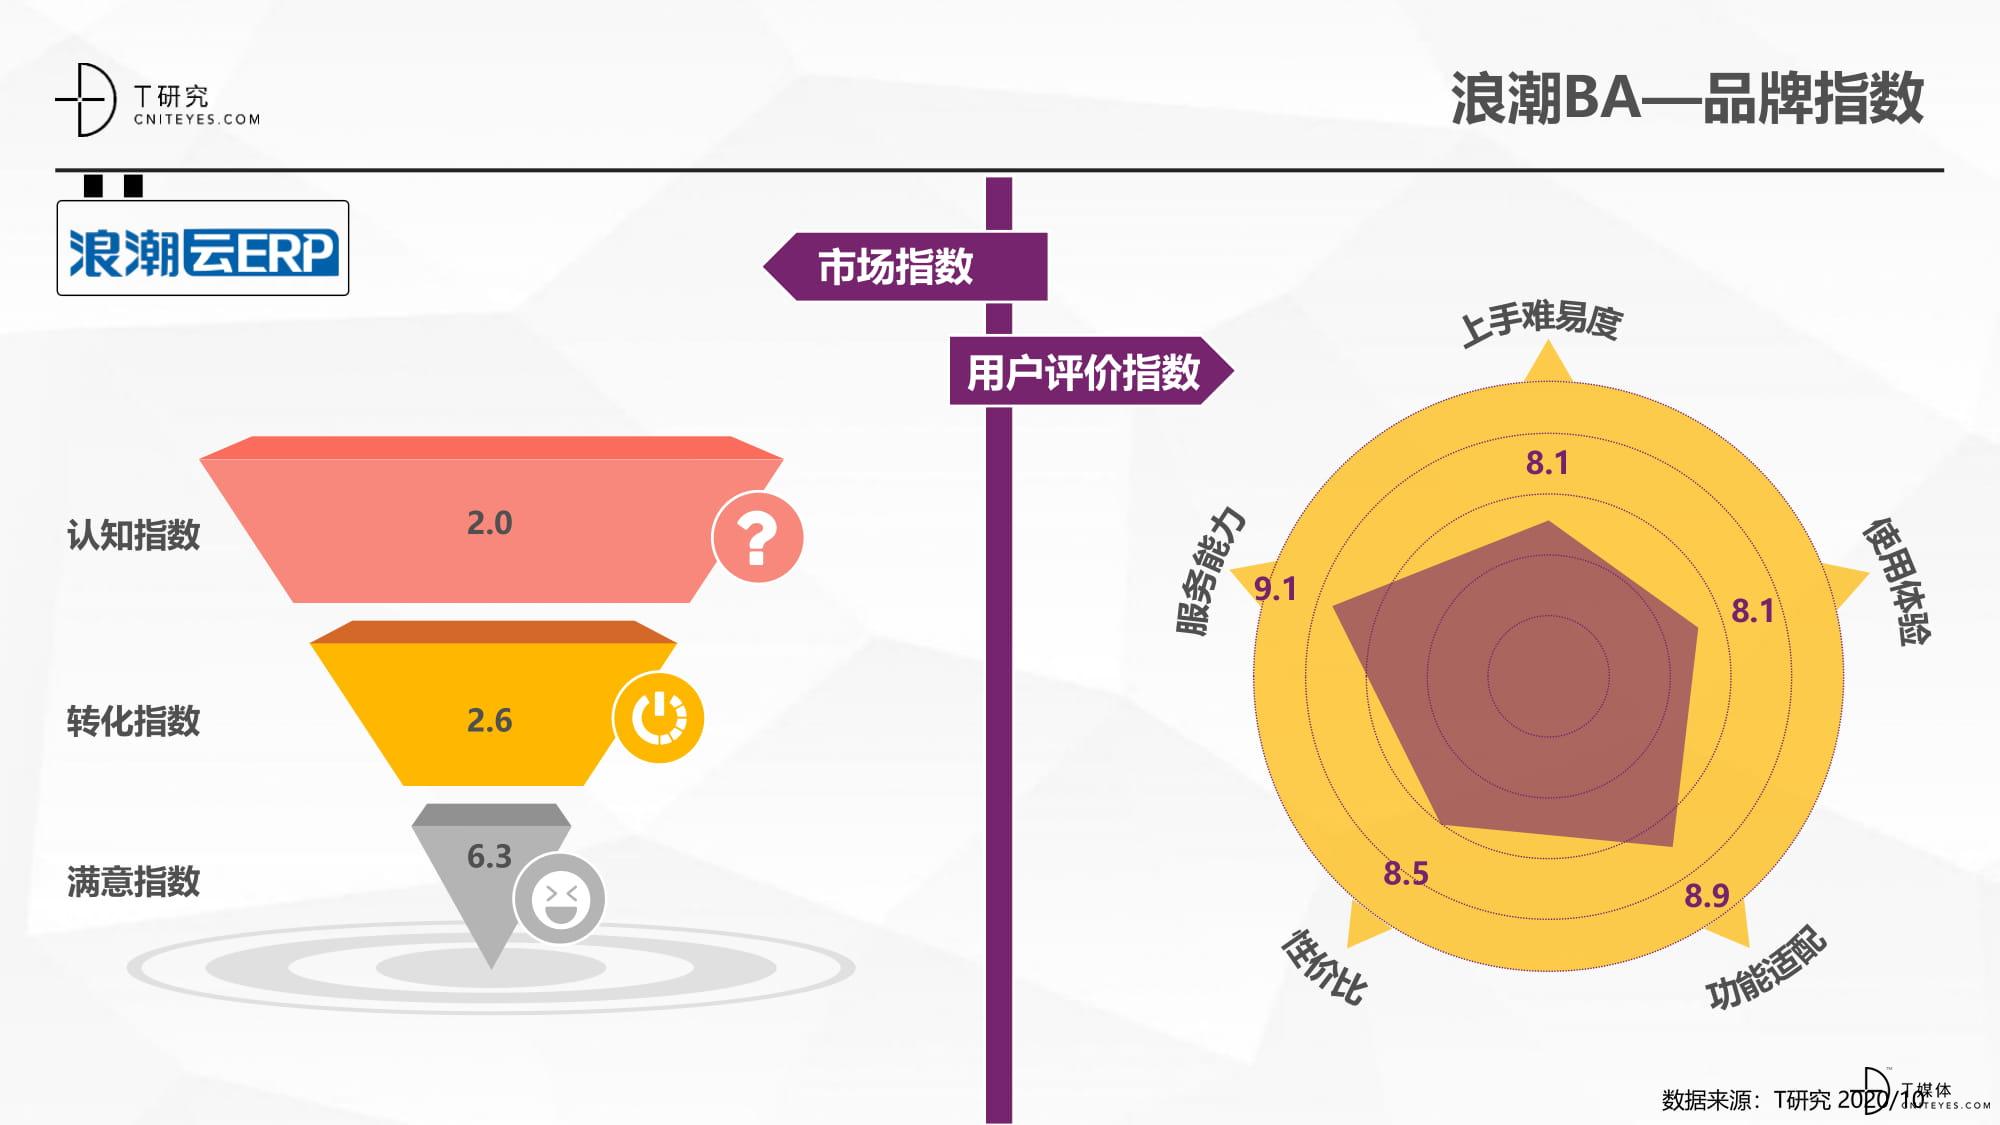 2020中国BI指数测评报告-29.jpg